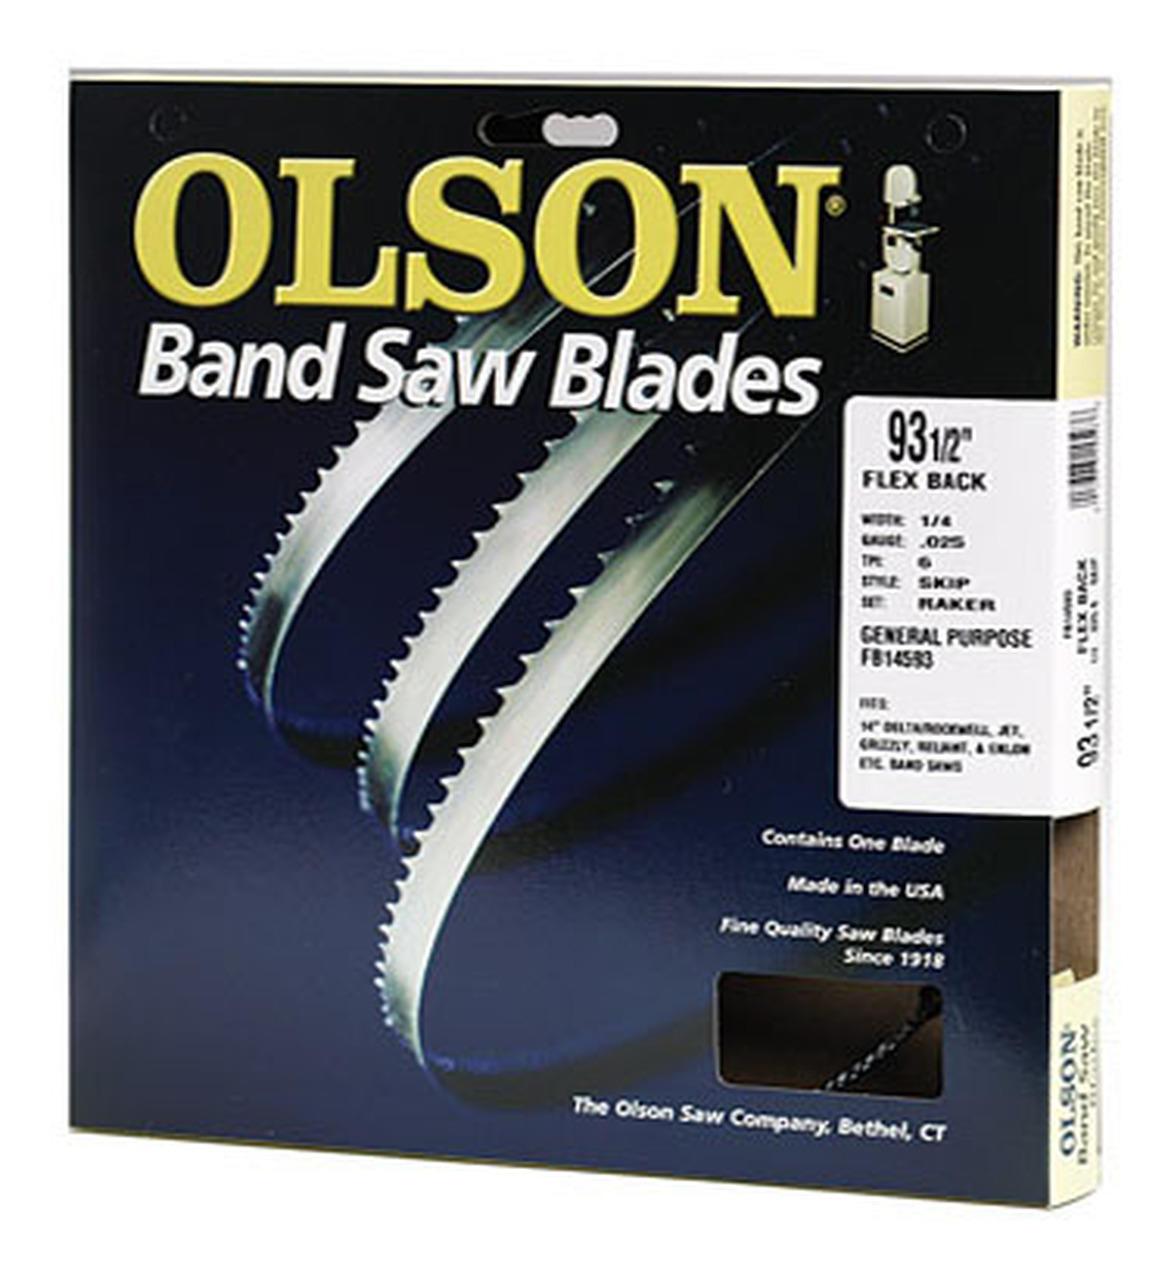 Olson Saw Olson Flex Back Band Saw Blade 93 1/2 x 1/4 x 4 Skip